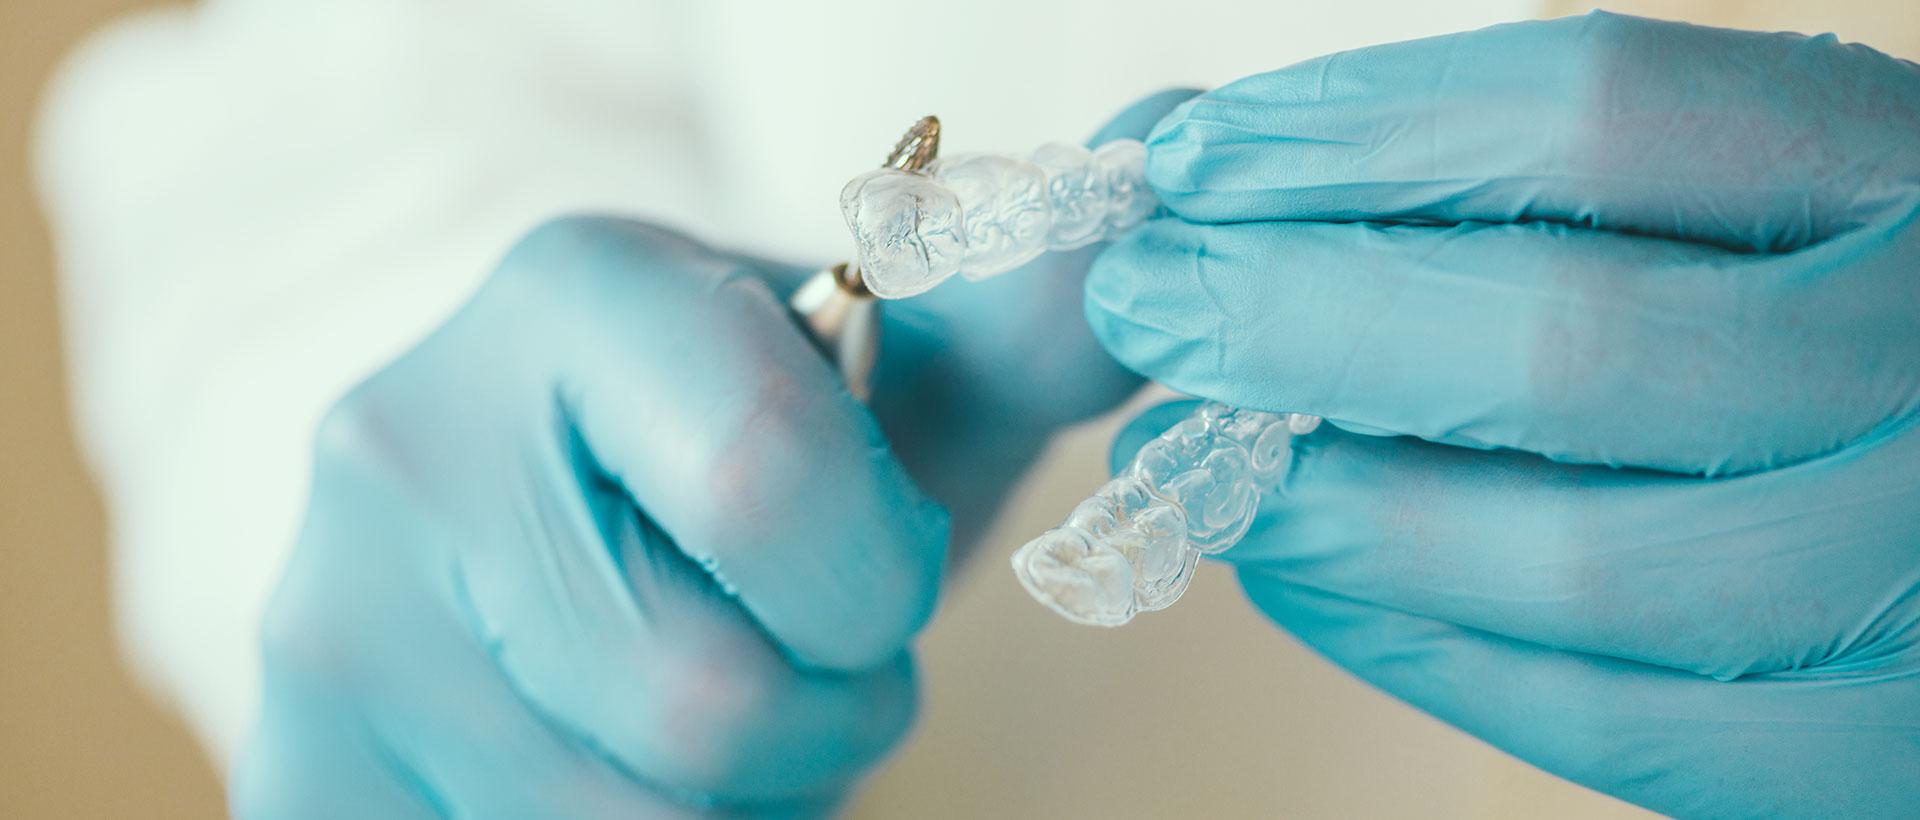 invisalign Verona apparecchi denti adulti bambini